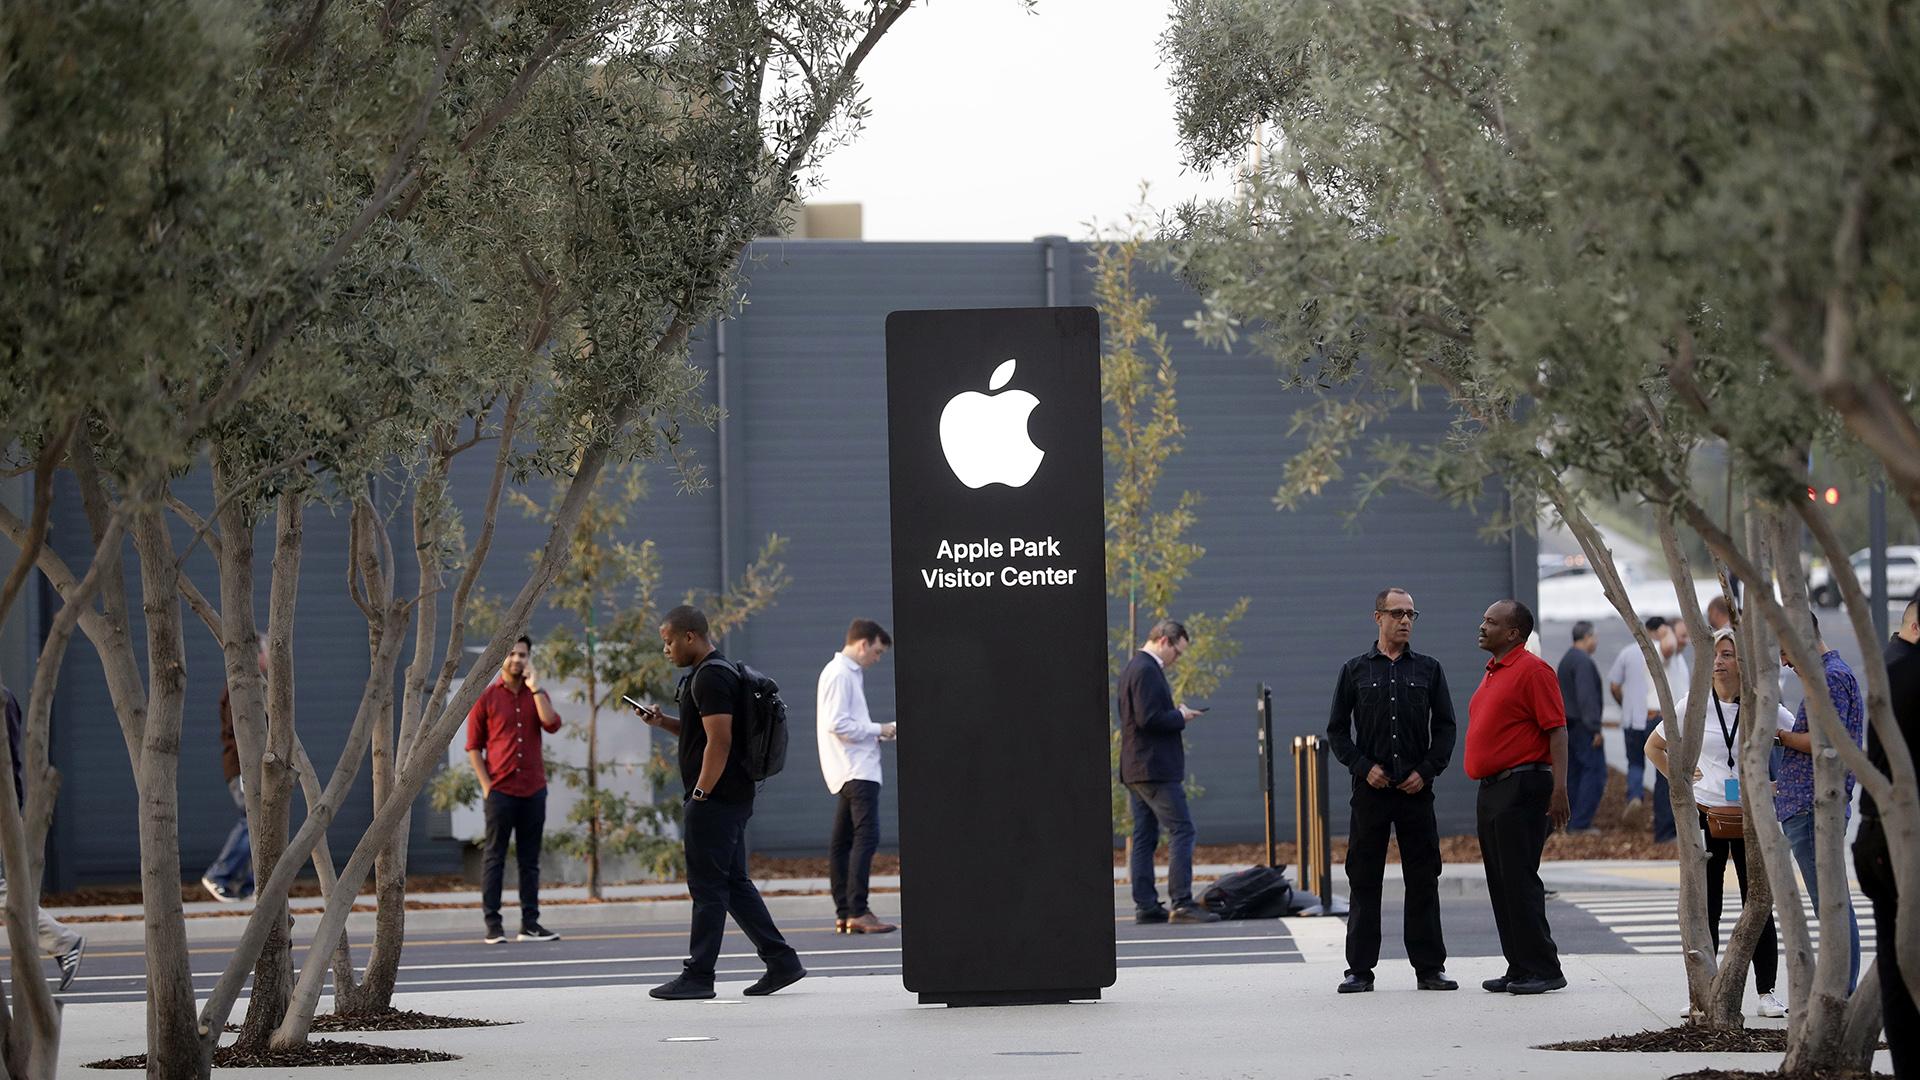 Es el primer acto oficial abierto a los medios de Apple en su nueva sede Apple Park, situada en la ciudad californiana de Cupertino